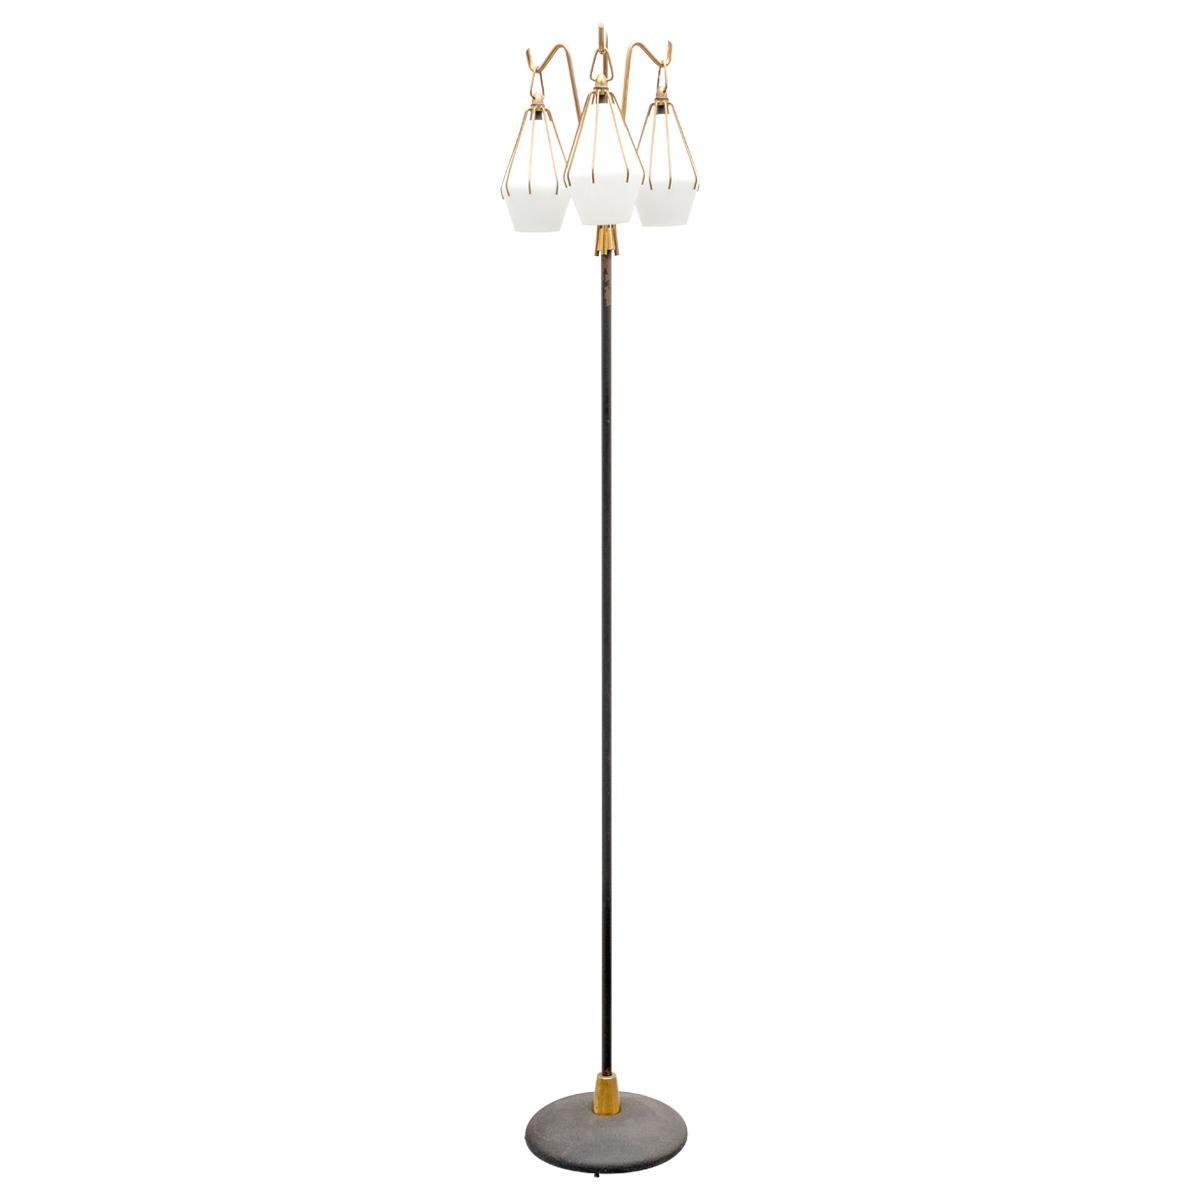 Angelo Lelii Metallic Floor Lamp with Three Glass Elements Arredoluce, 1950